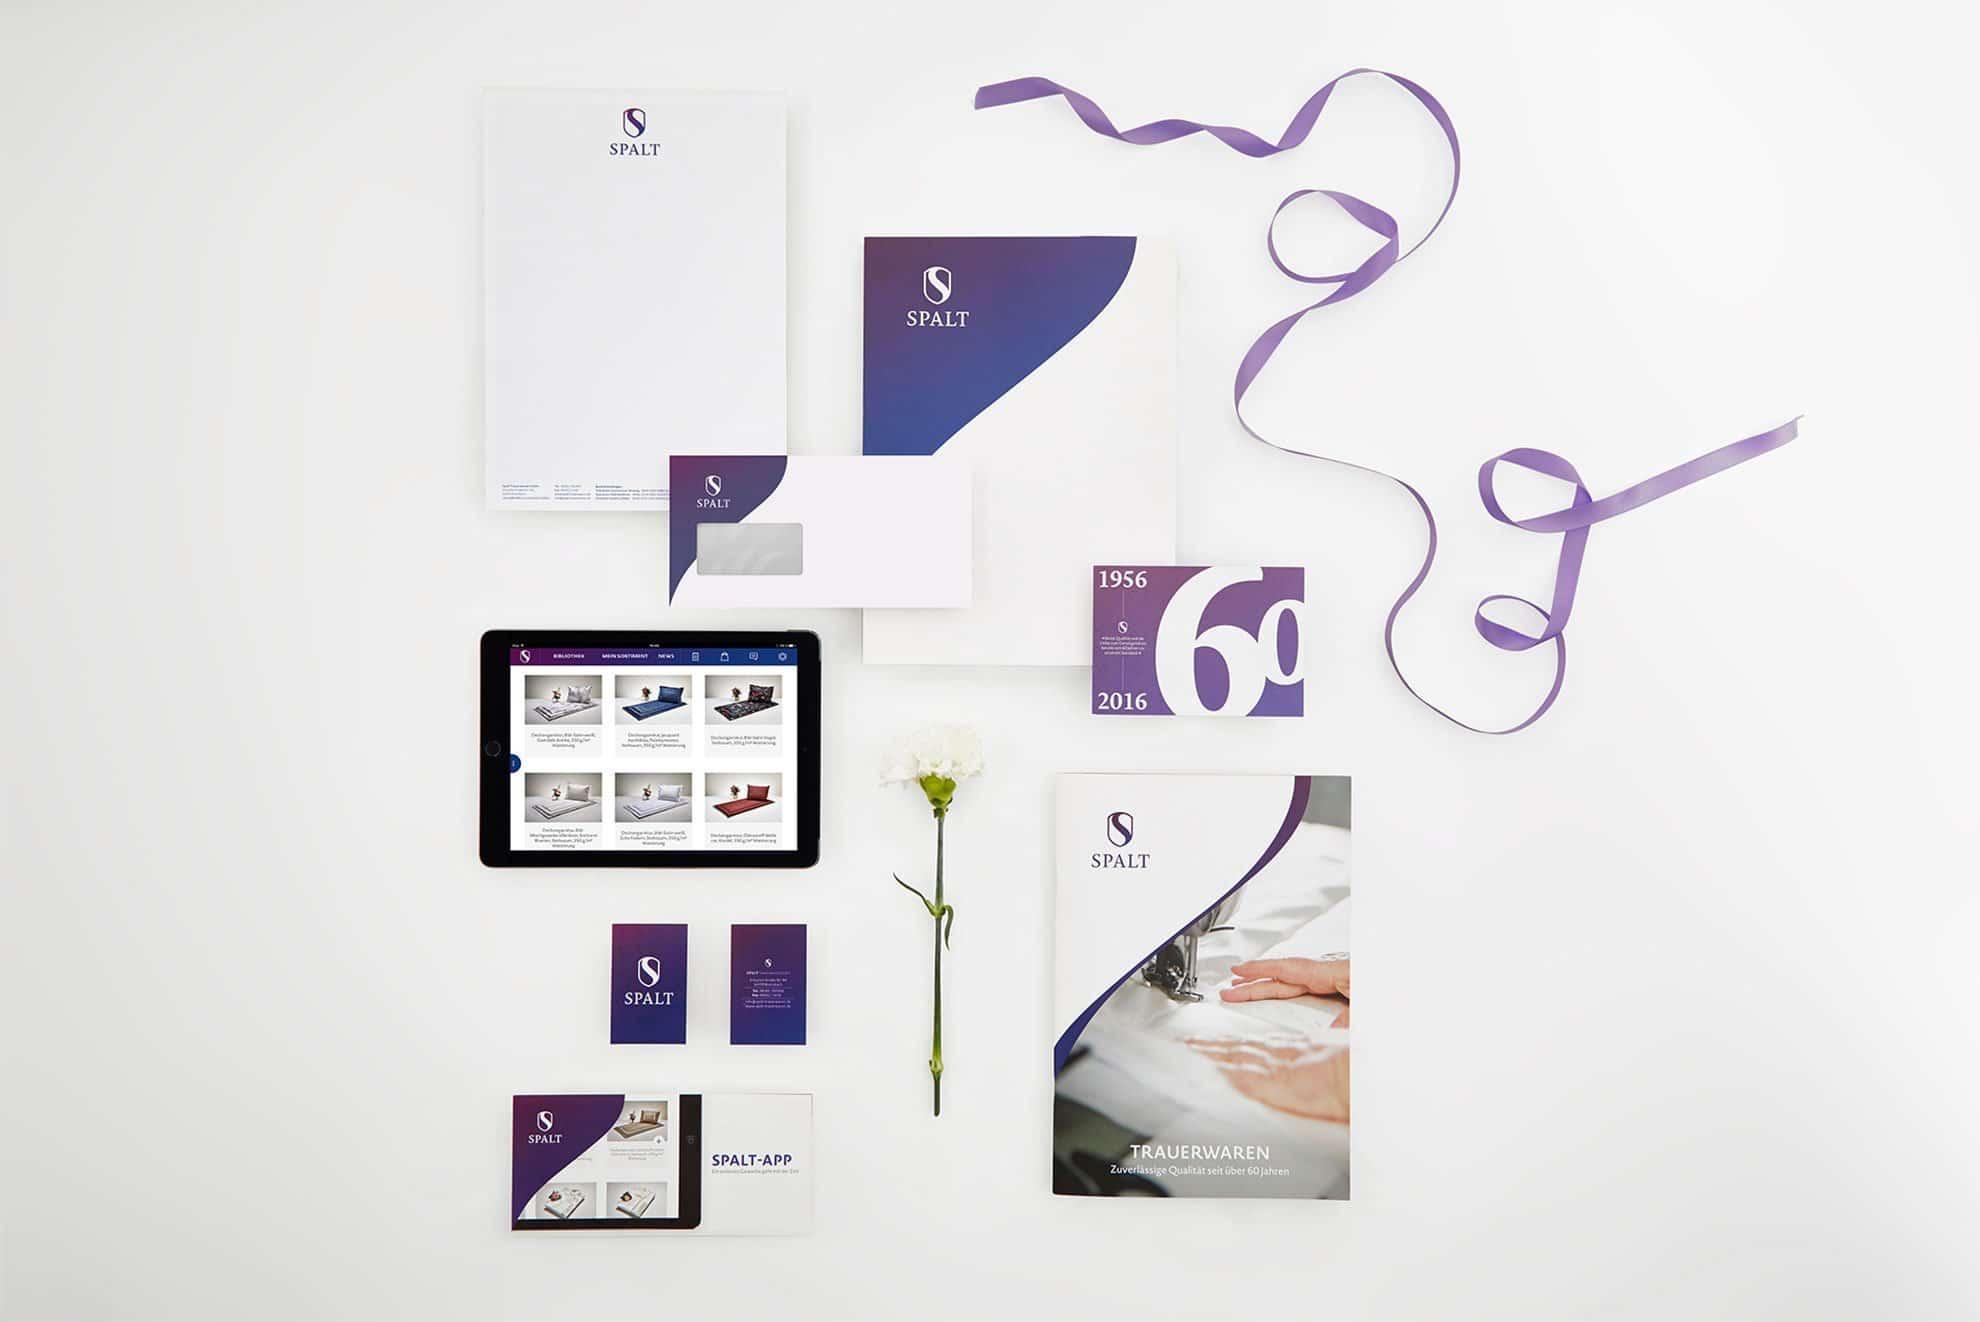 Übersicht Medien - Spalt Corporate Design